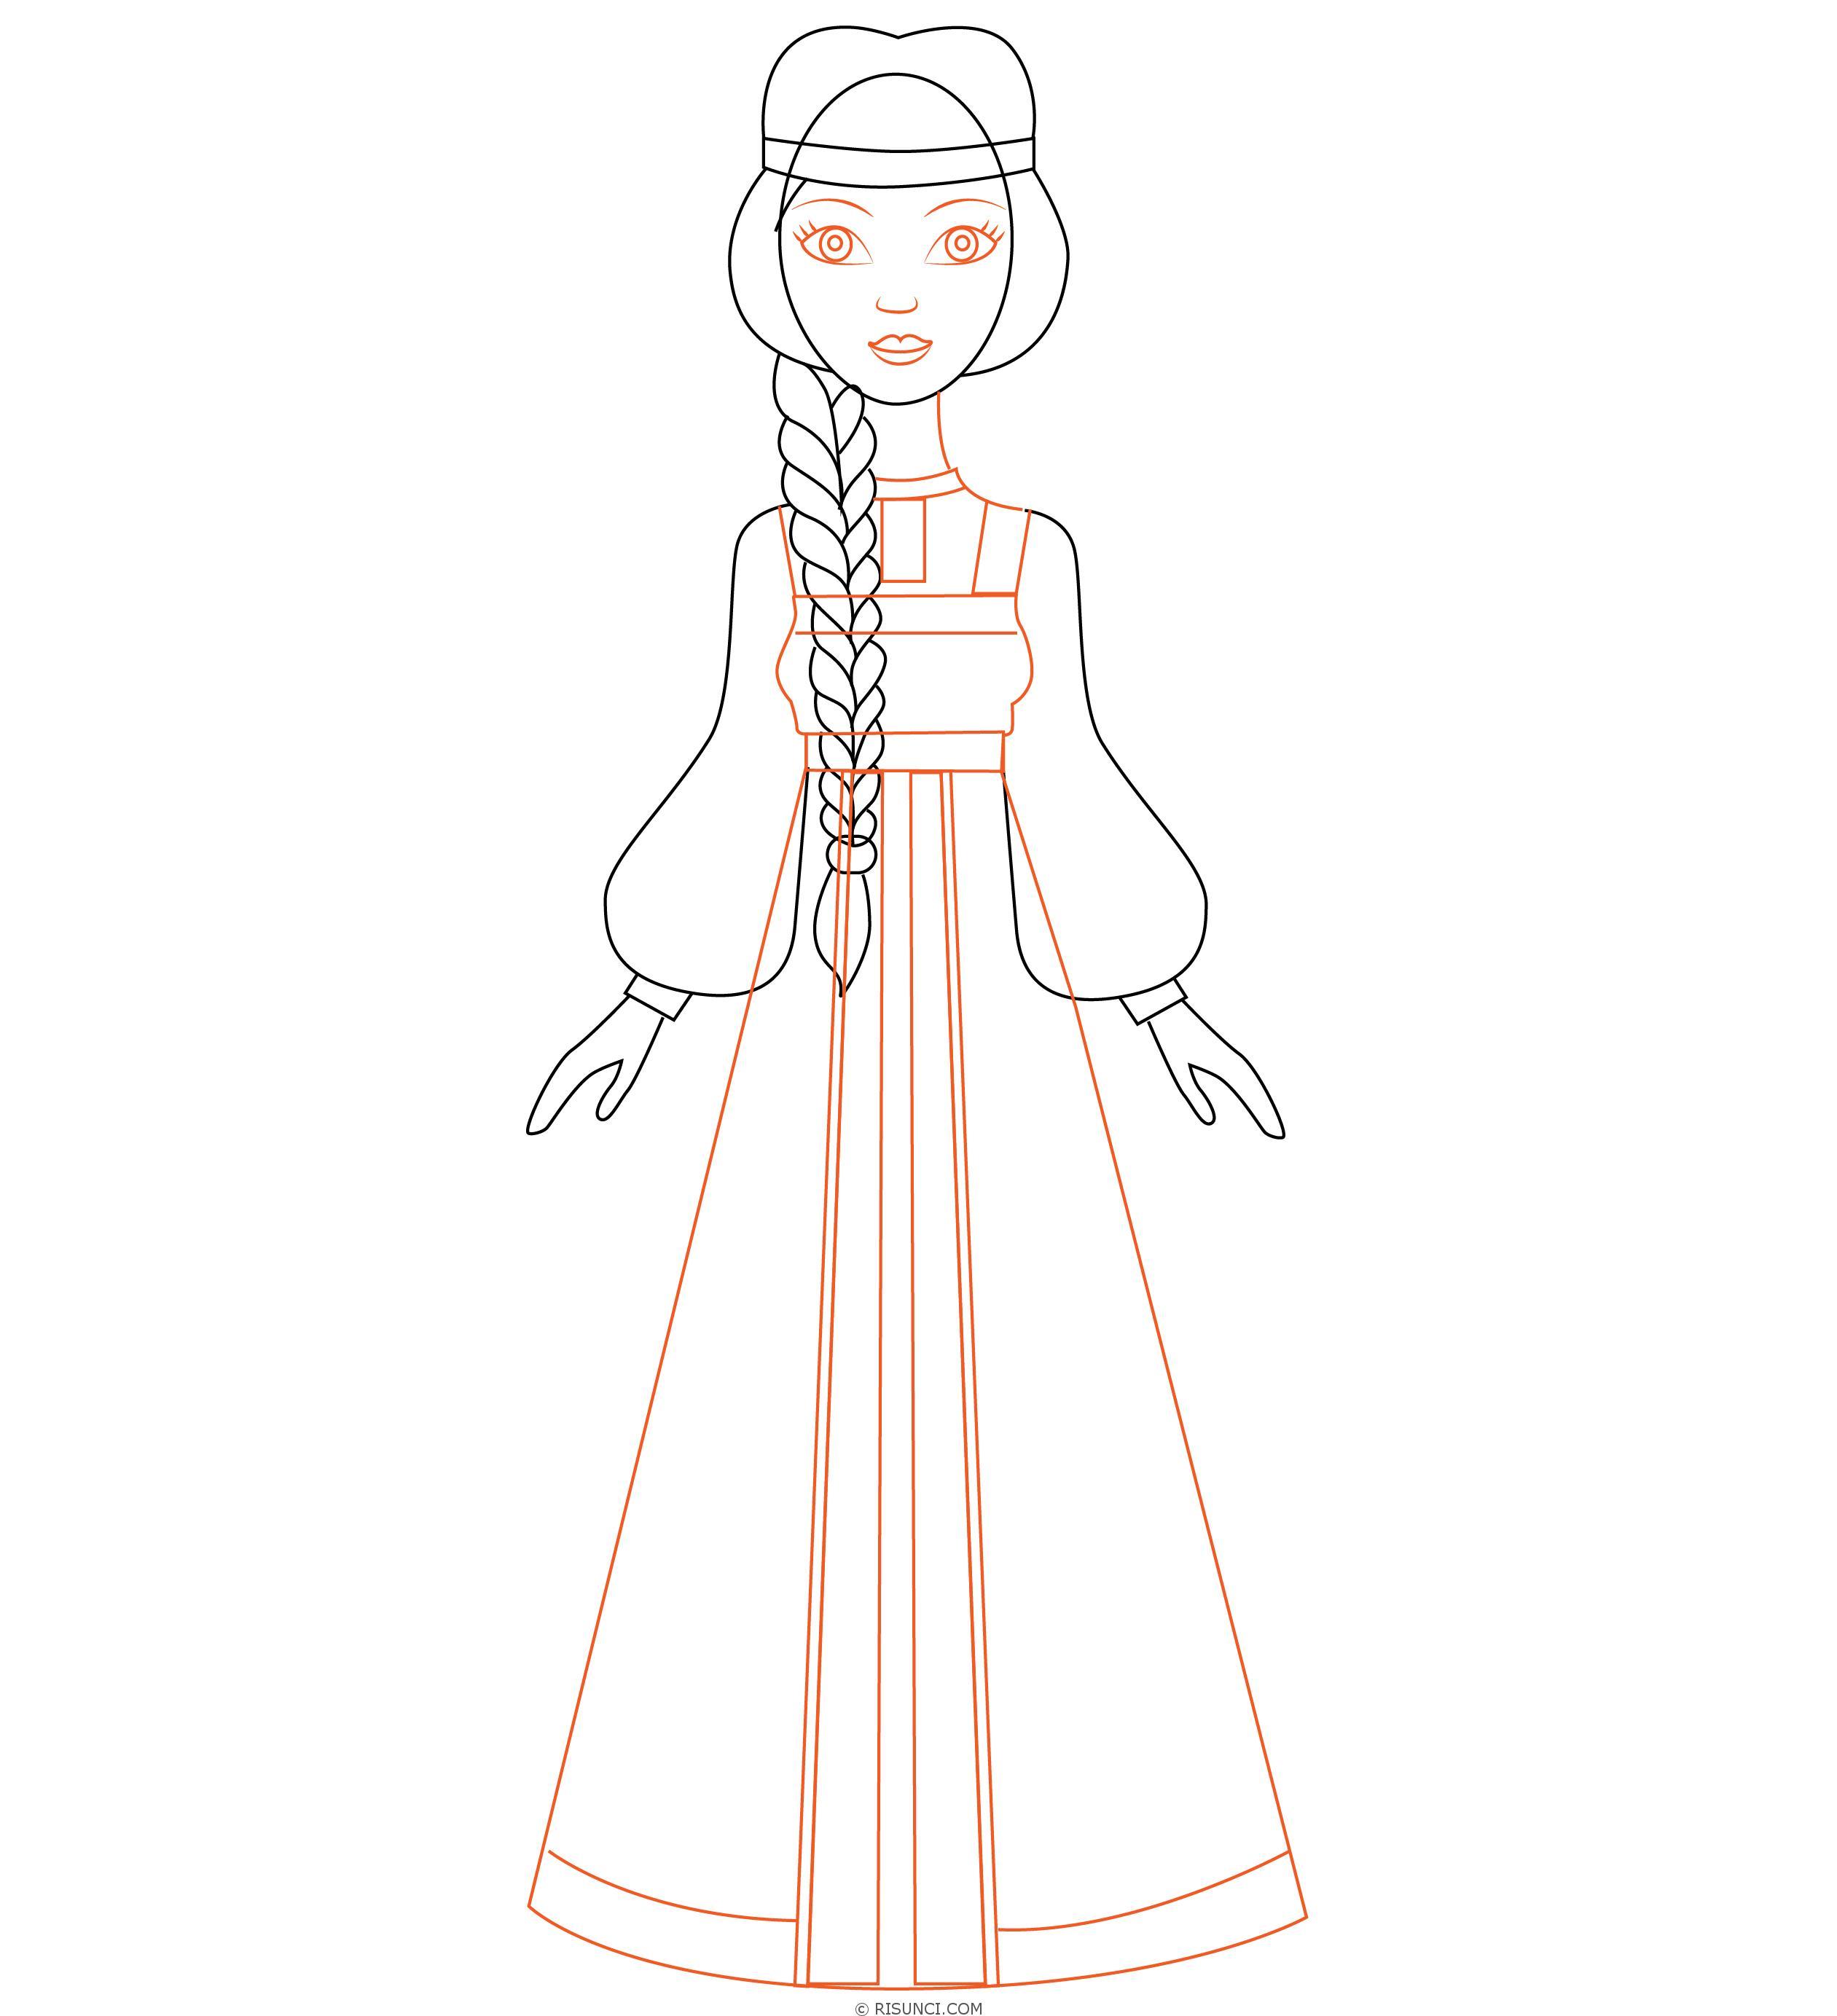 Русские народные костюмы рисунок простой премиального класса